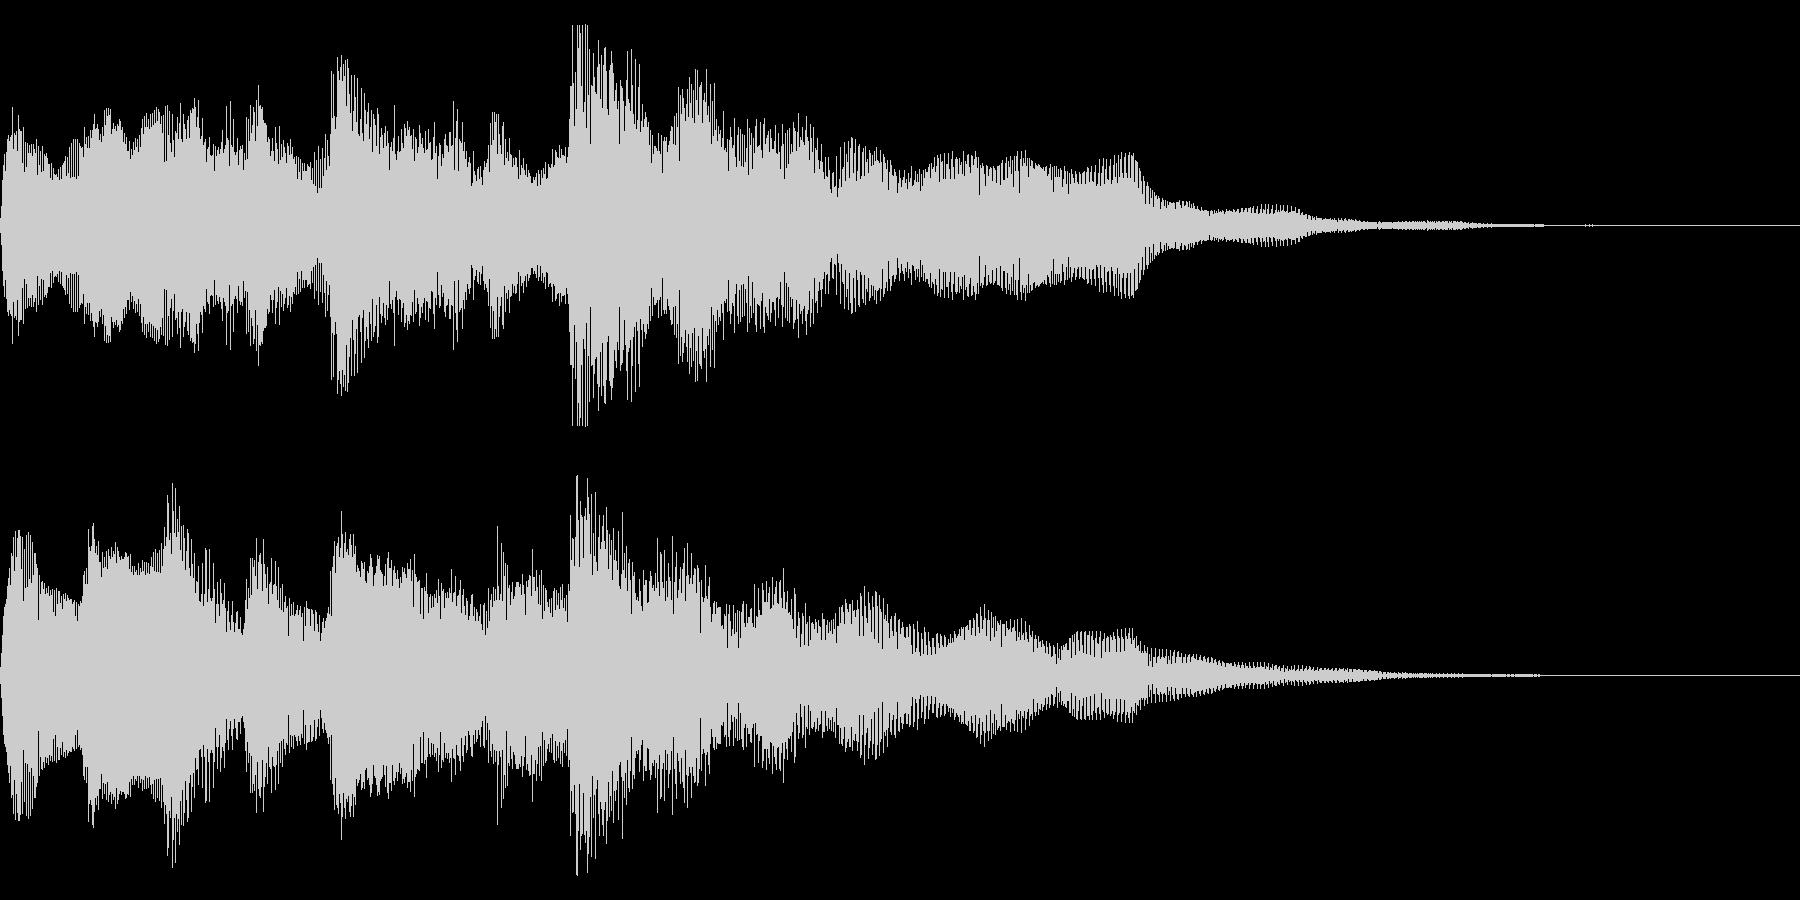 クリーンギターのフレーズ 場面転換の未再生の波形